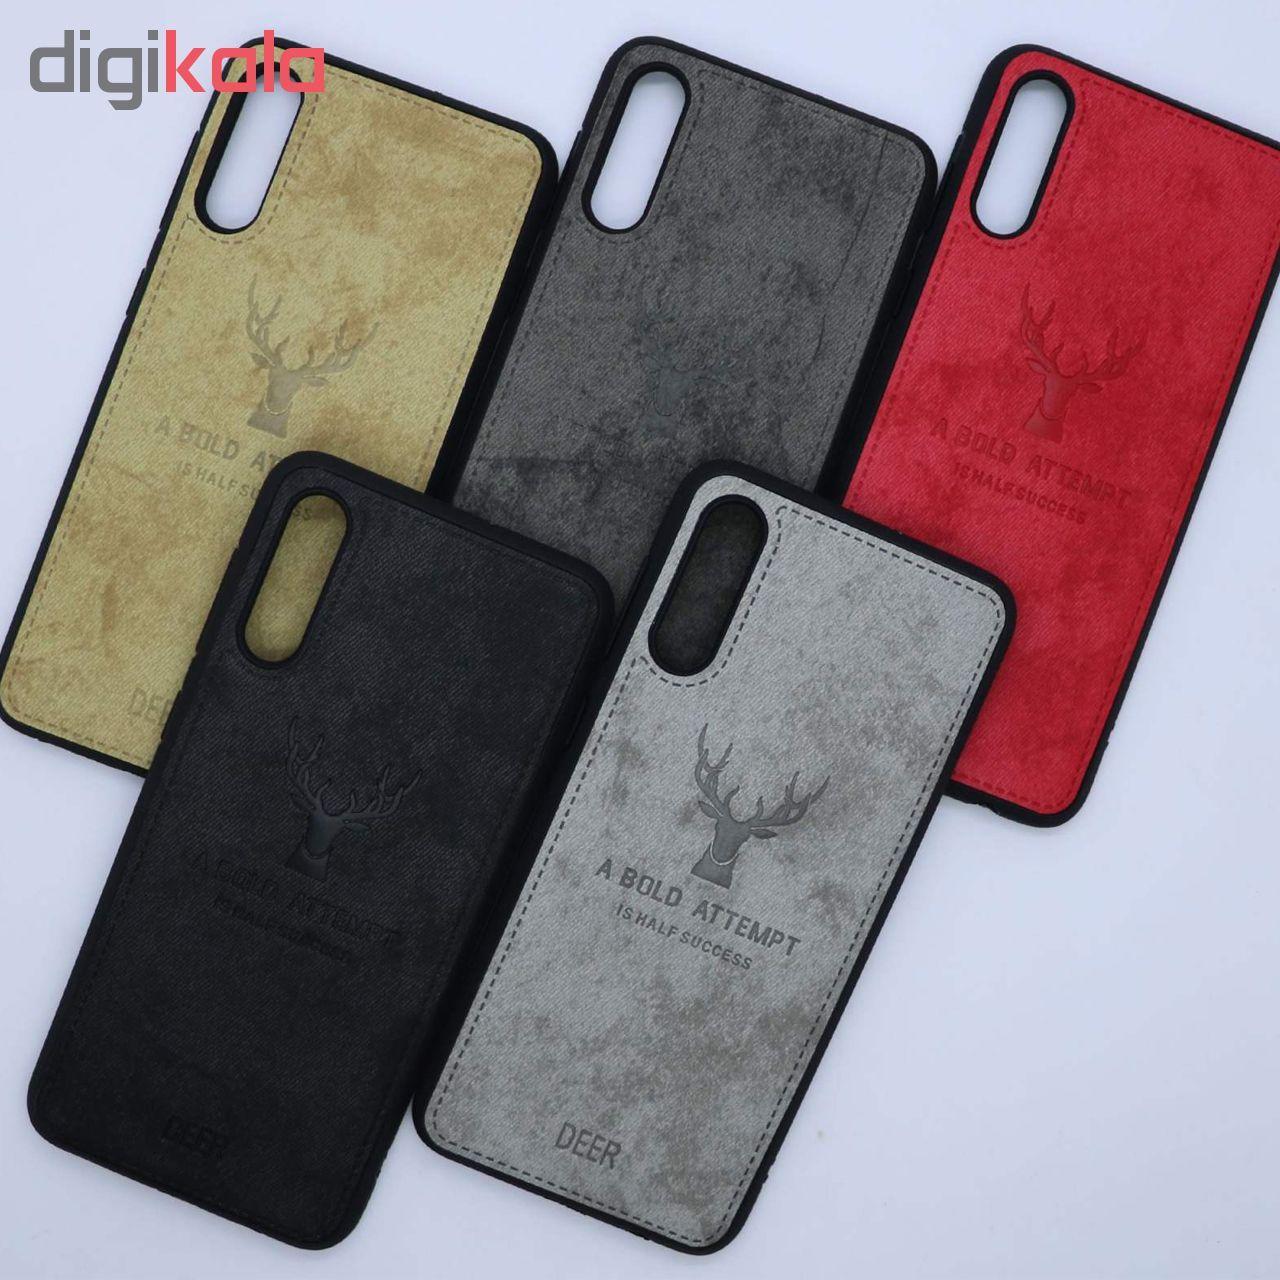 کاور مدل S18 مناسب برای گوشی موبایل سامسونگ Galaxy A50/A30s/A50s main 1 2